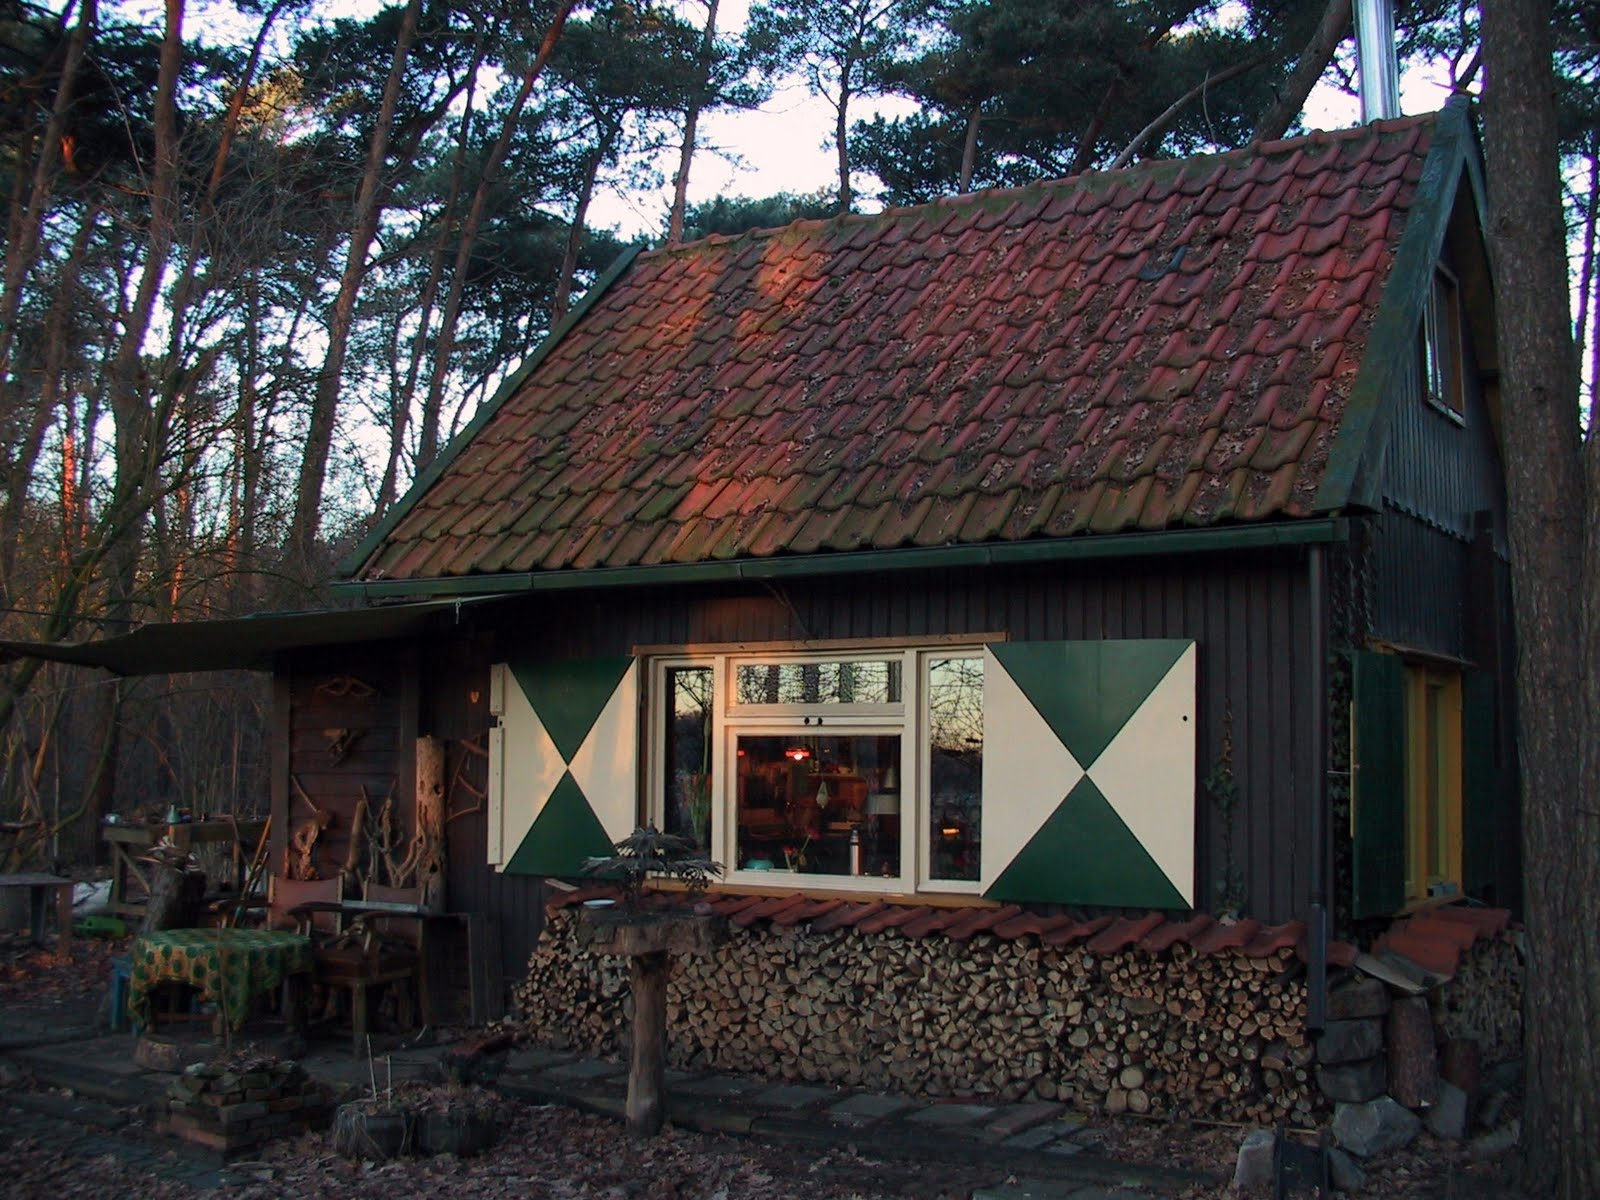 Piet schellekens 17 het huisje van ad fontis deel 1 for Klein huisje in bos te koop